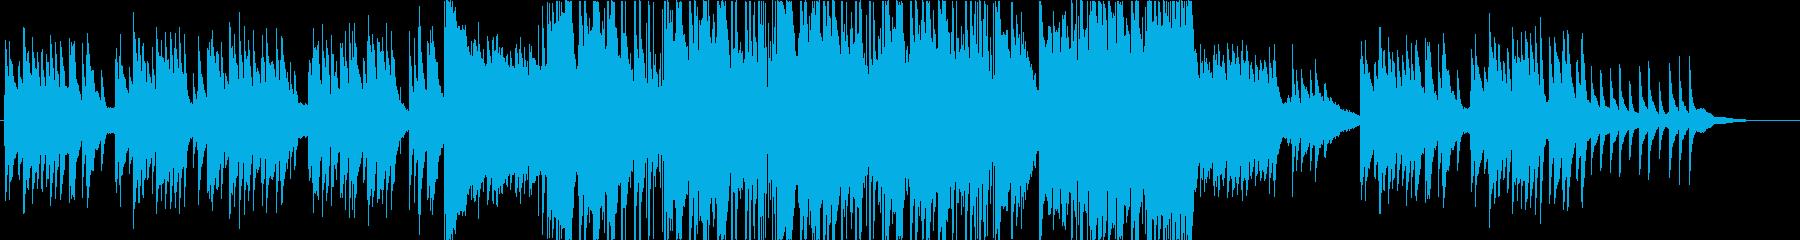 切なげな三拍子バラードの再生済みの波形